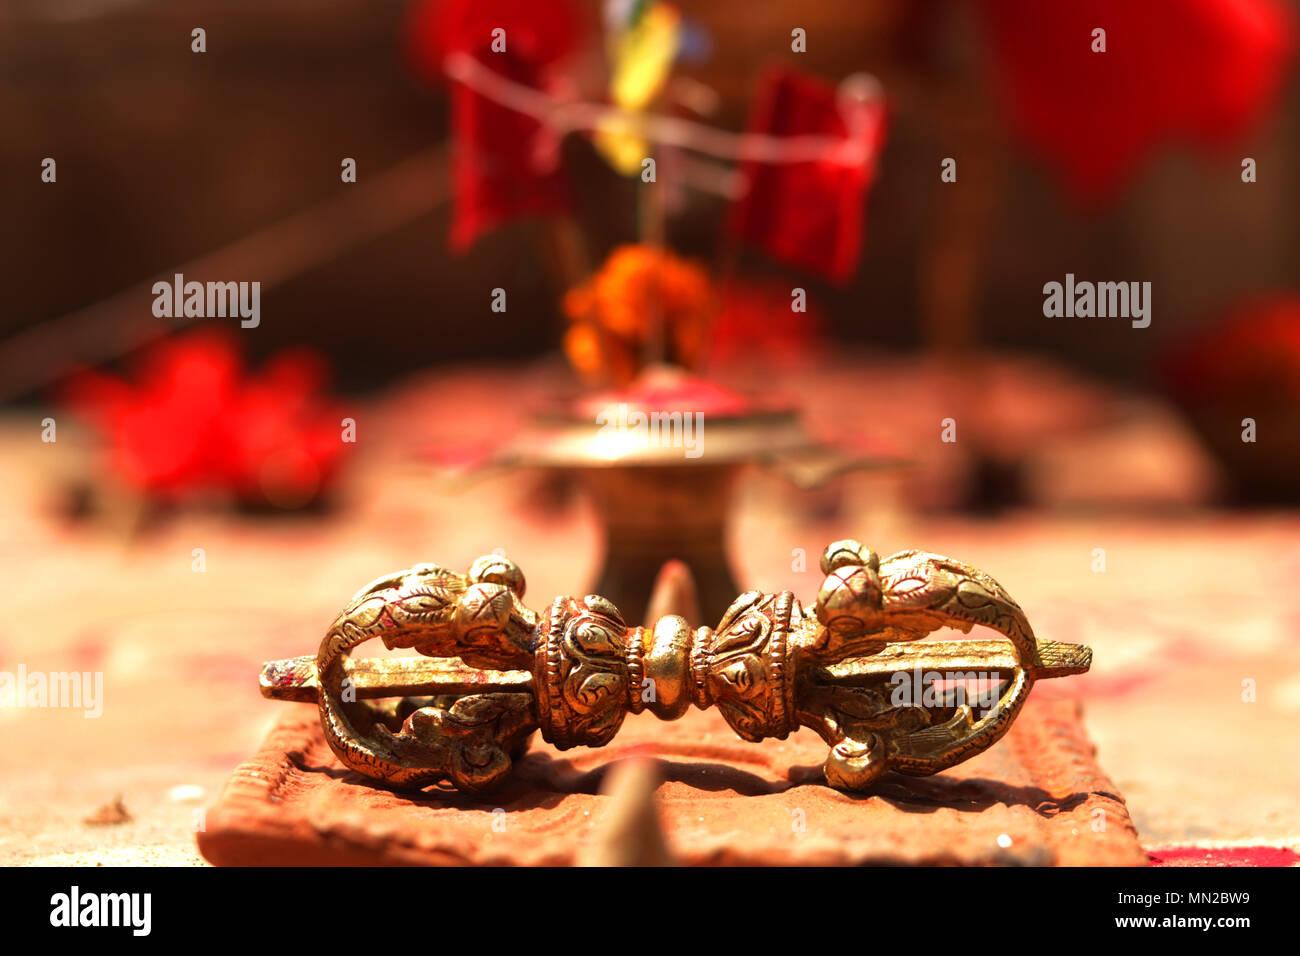 La Campana y Dorje, o rayo son inseparables objetos rituales en el Budismo Tibetano. Siempre se utilizan en combinación durante los religiosos ceremoni Imagen De Stock